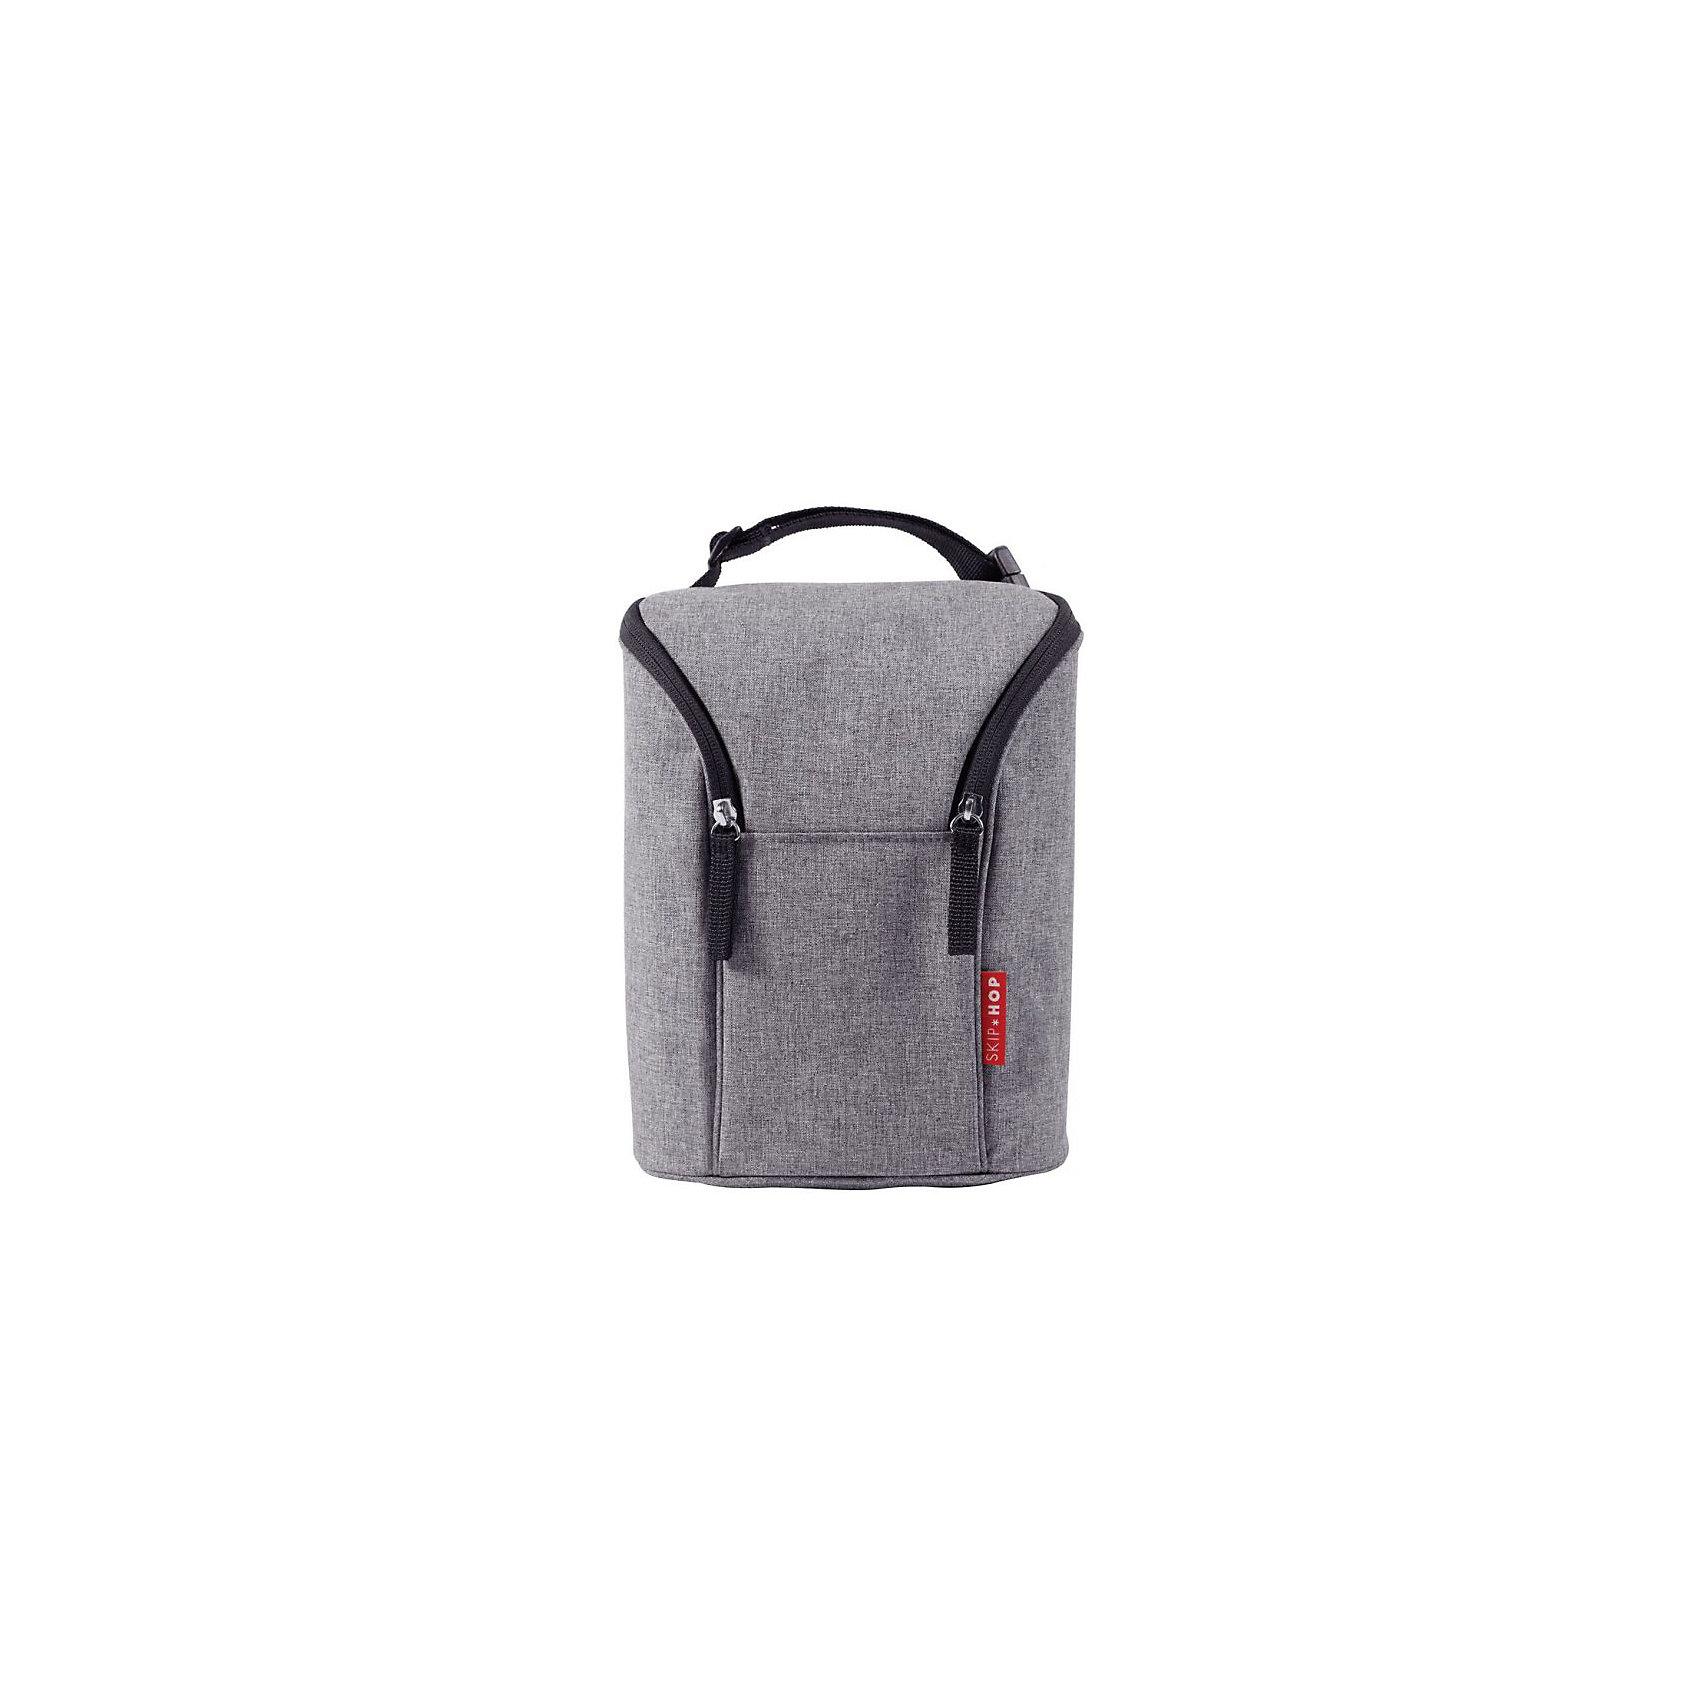 Термо-сумка для бутылочек, Skip HopТермосумки и термосы<br>Характеристики товара:<br><br>• материал: текстиль;<br>• в комплекте: сумка, охлаждающий пакет;<br>• 2 молнии обеспечивают лёгкий и быстрый доступ к бутылочкам<br>• крепление к коляске<br>• вмещает 2 большие бутылочки<br>• регулируемый ремешок<br>• размер сумки 23х17х9 см;<br>• размер упаковки 28х17х9 см;<br>• вес упаковки 140 гр.;<br>• страна производитель: Китай.<br><br>Термосумка для бутылочек Skip Hop — необходимый для молодой мамы аксессуар, который позволит взять на прогулку с малышом бутылочки для кормления и сохранить их теплыми или холодными. Благодаря специальной термо-подкладке внутри сохраняется тепло или холод. Регулируемый ремешок позволяет переносить сумку в руках или вешать на коляску или велосипед. Застегивается сумка на молнию. Изготовлена из износостойкого качественного материала. <br><br>Термосумку для бутылочек Skip Hop можно приобрести в нашем интернет-магазине.<br><br>Ширина мм: 170<br>Глубина мм: 90<br>Высота мм: 280<br>Вес г: 428<br>Возраст от месяцев: 36<br>Возраст до месяцев: 72<br>Пол: Унисекс<br>Возраст: Детский<br>SKU: 5608232